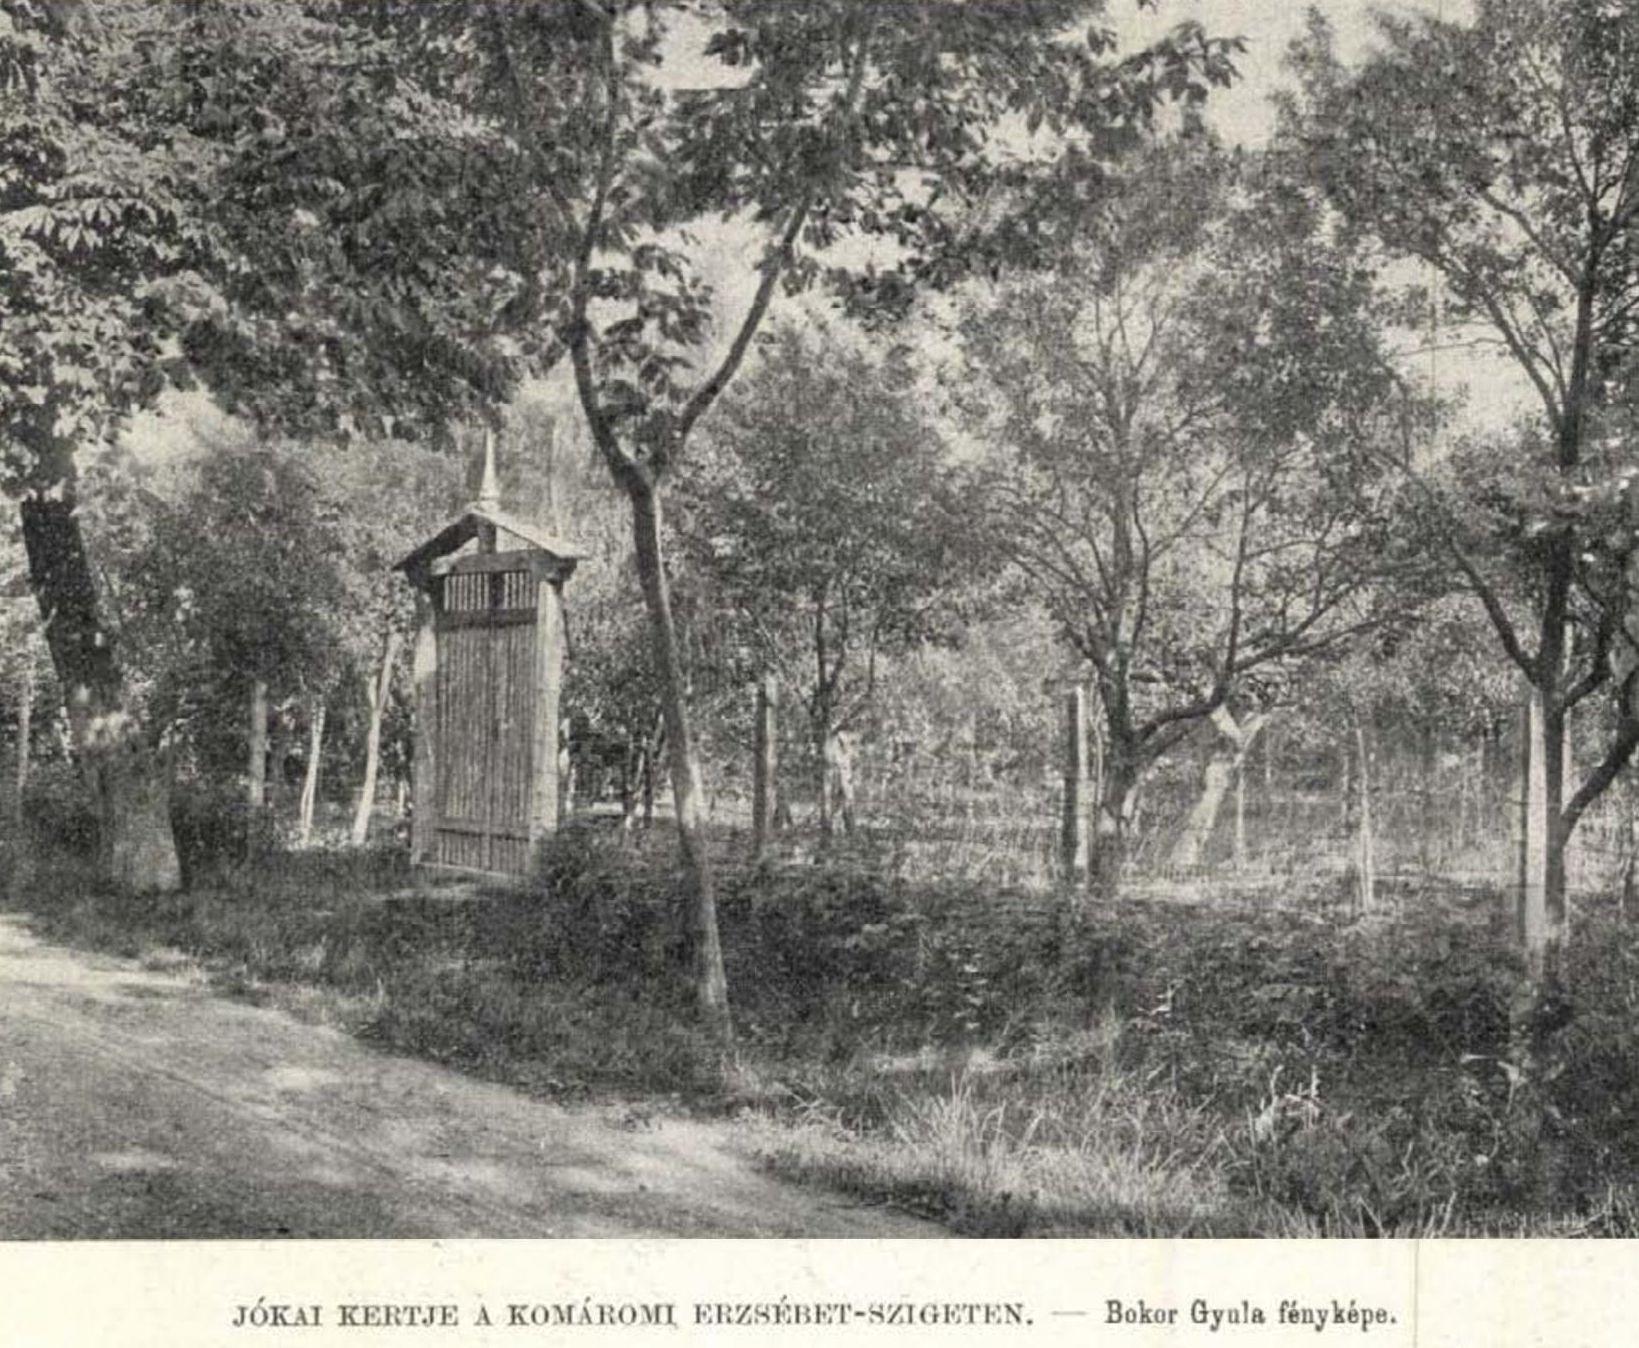 vasarnapiujsag_1910_pages18-18-page-001.jpg